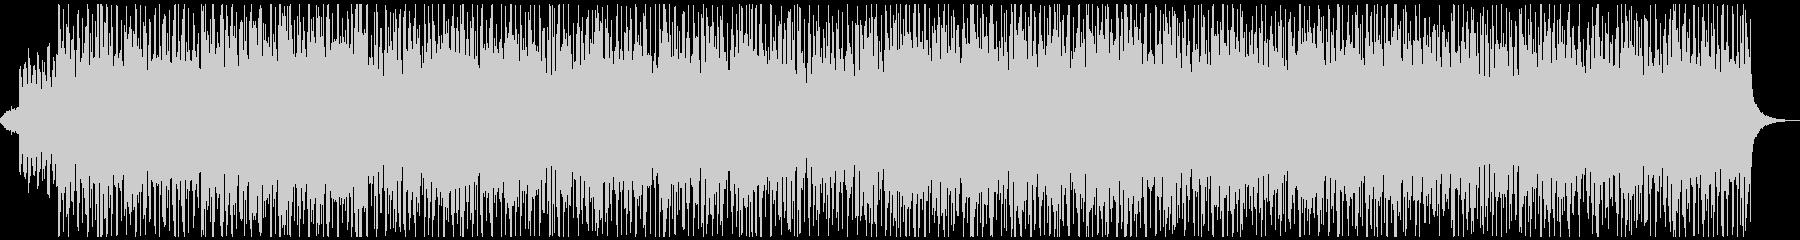 ジャジーなピアノとシンセのスイングの未再生の波形